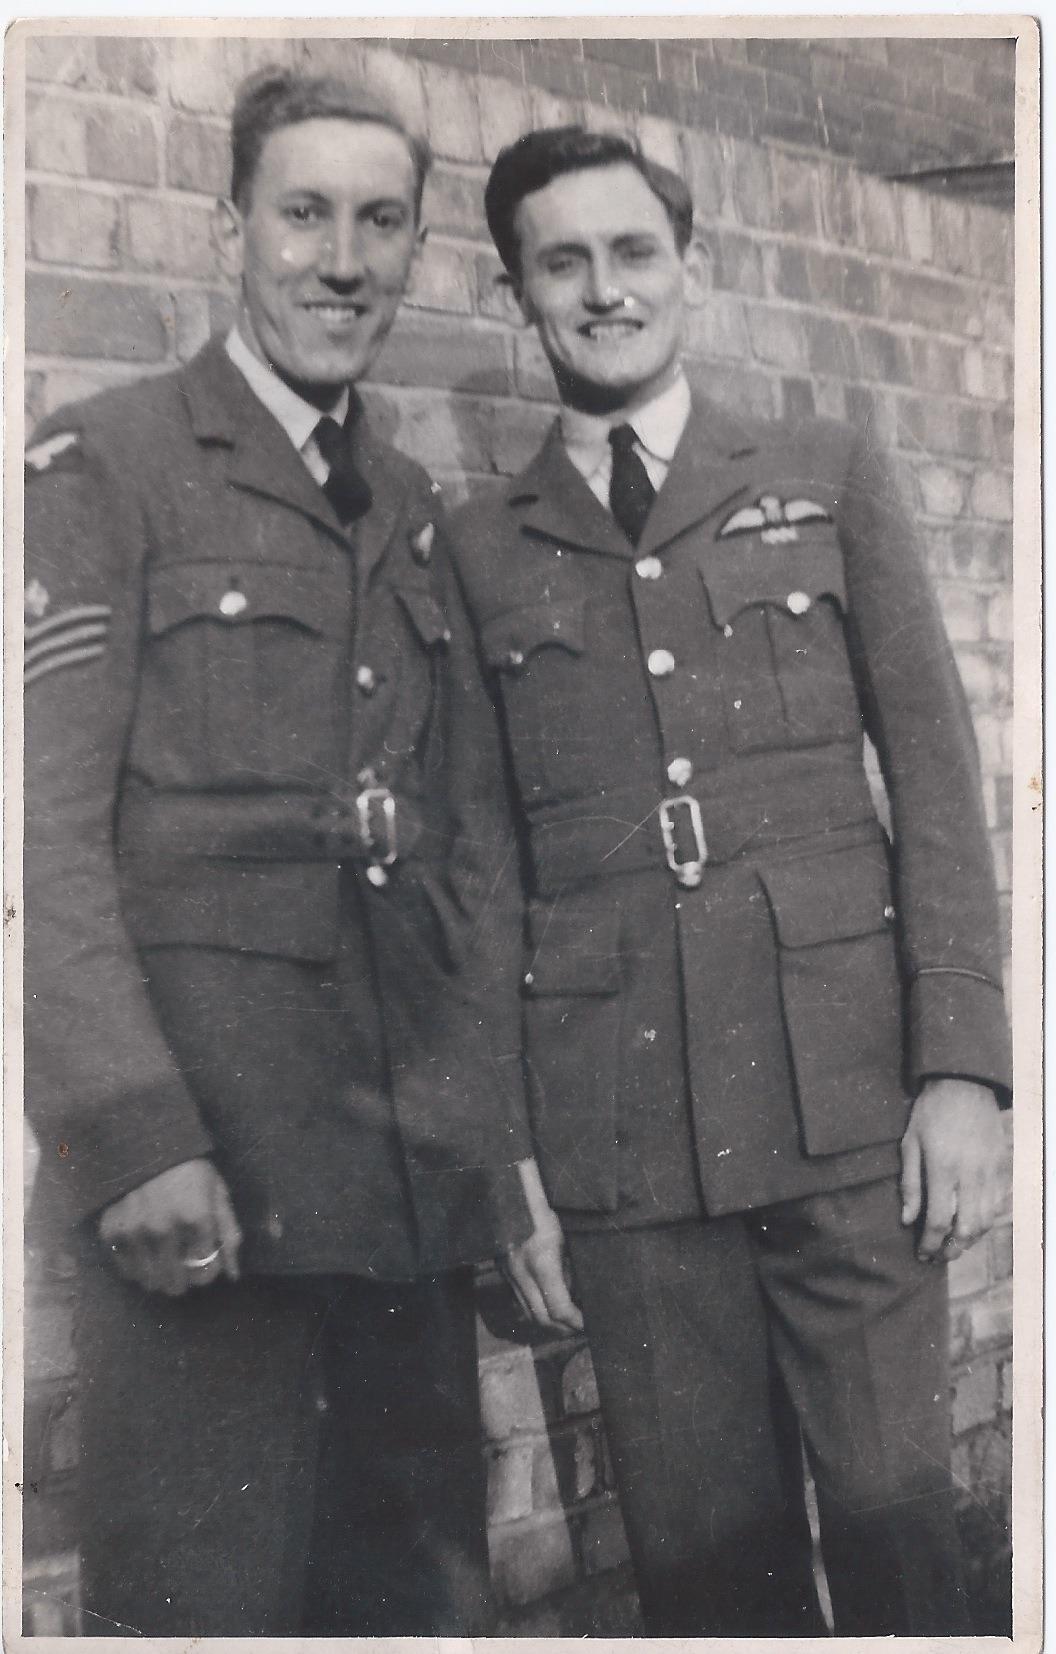 Pilot Griffiths